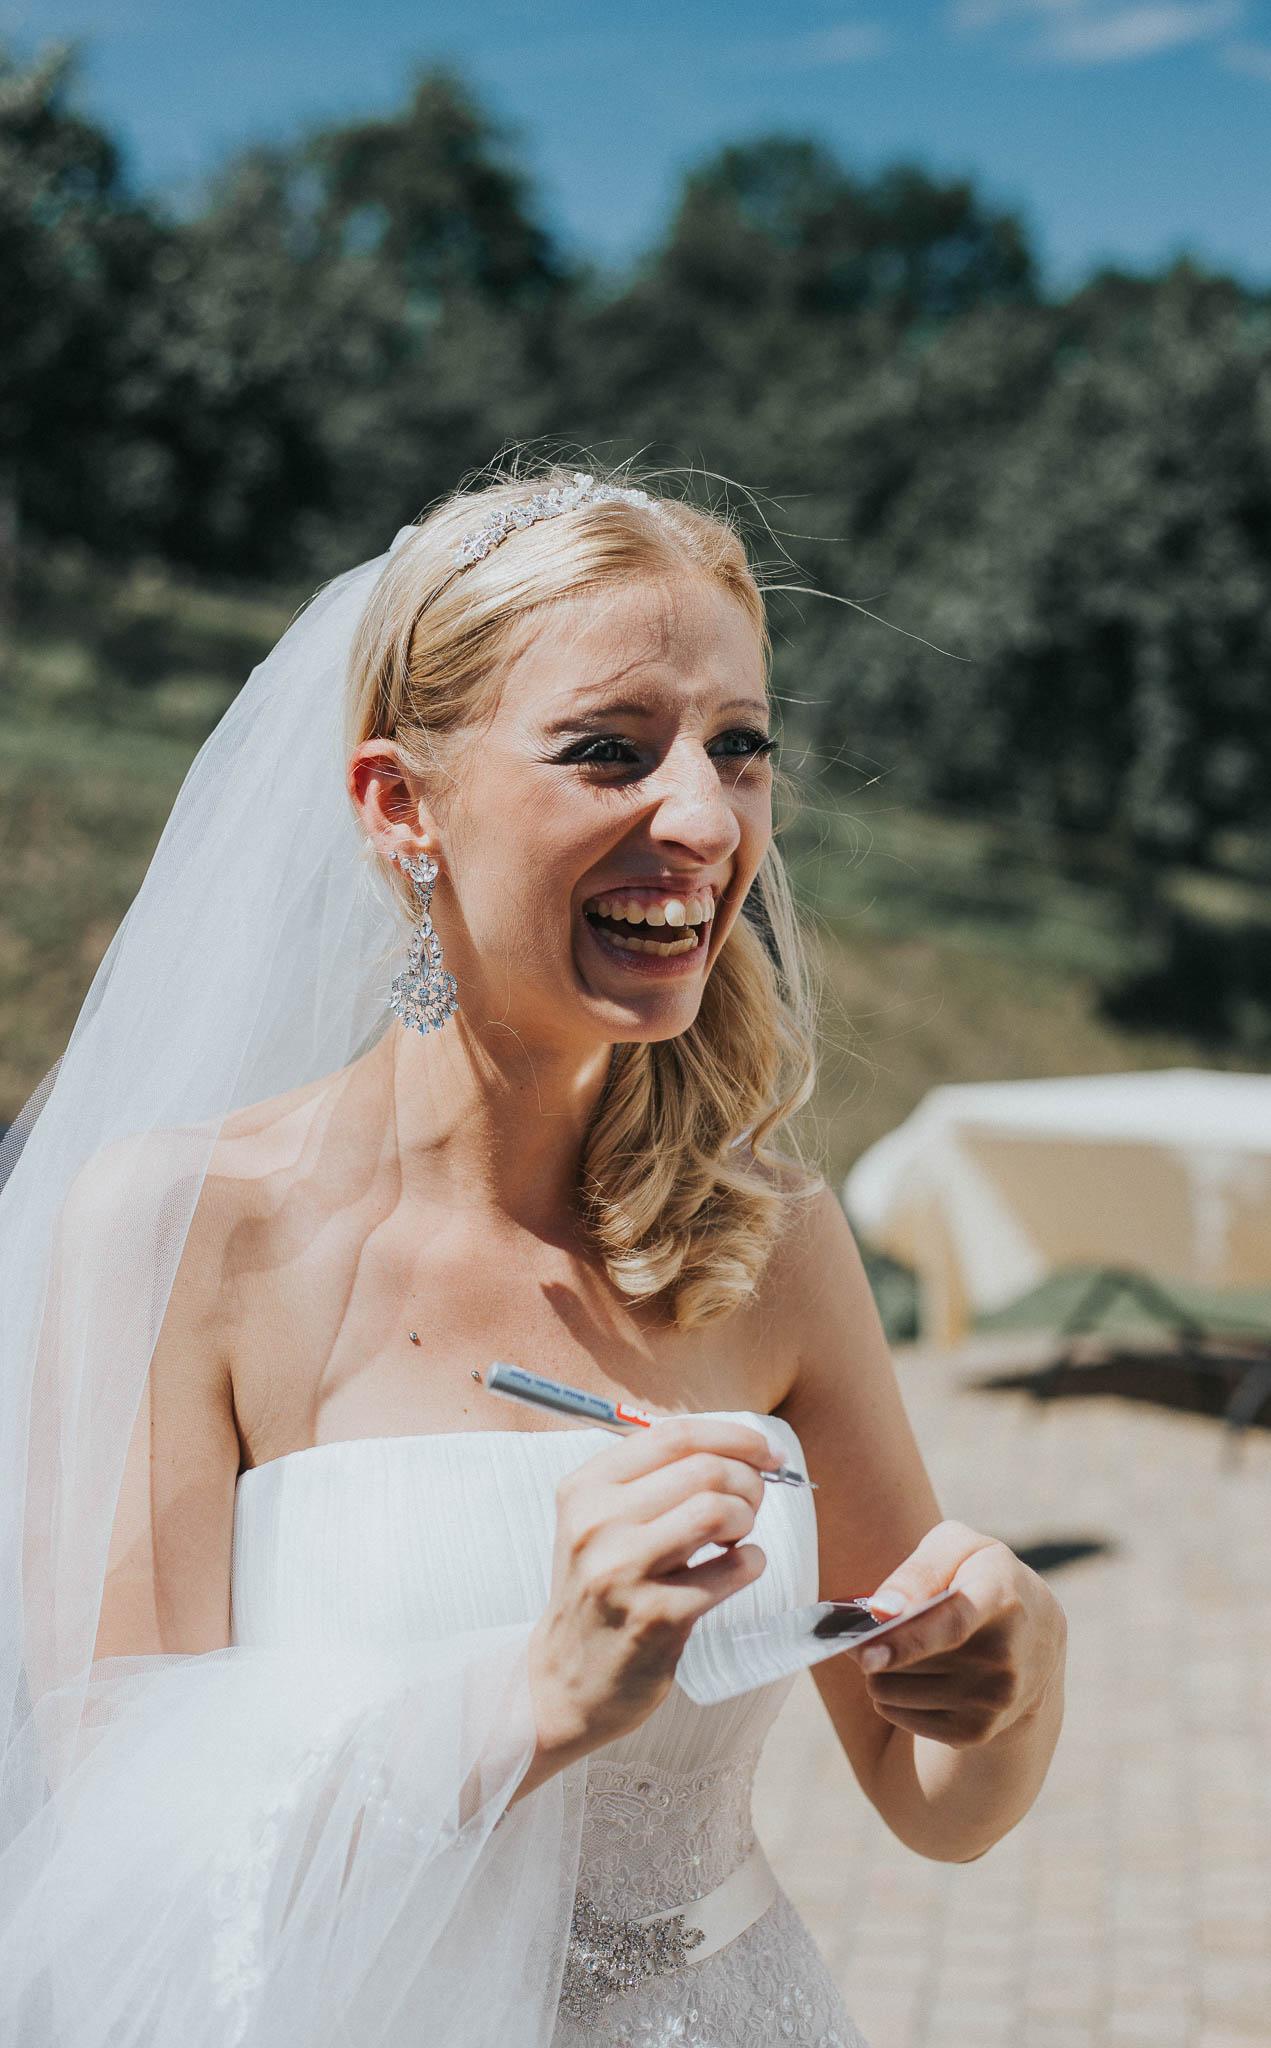 Die Braut gibt ihren Gästen Autogramme